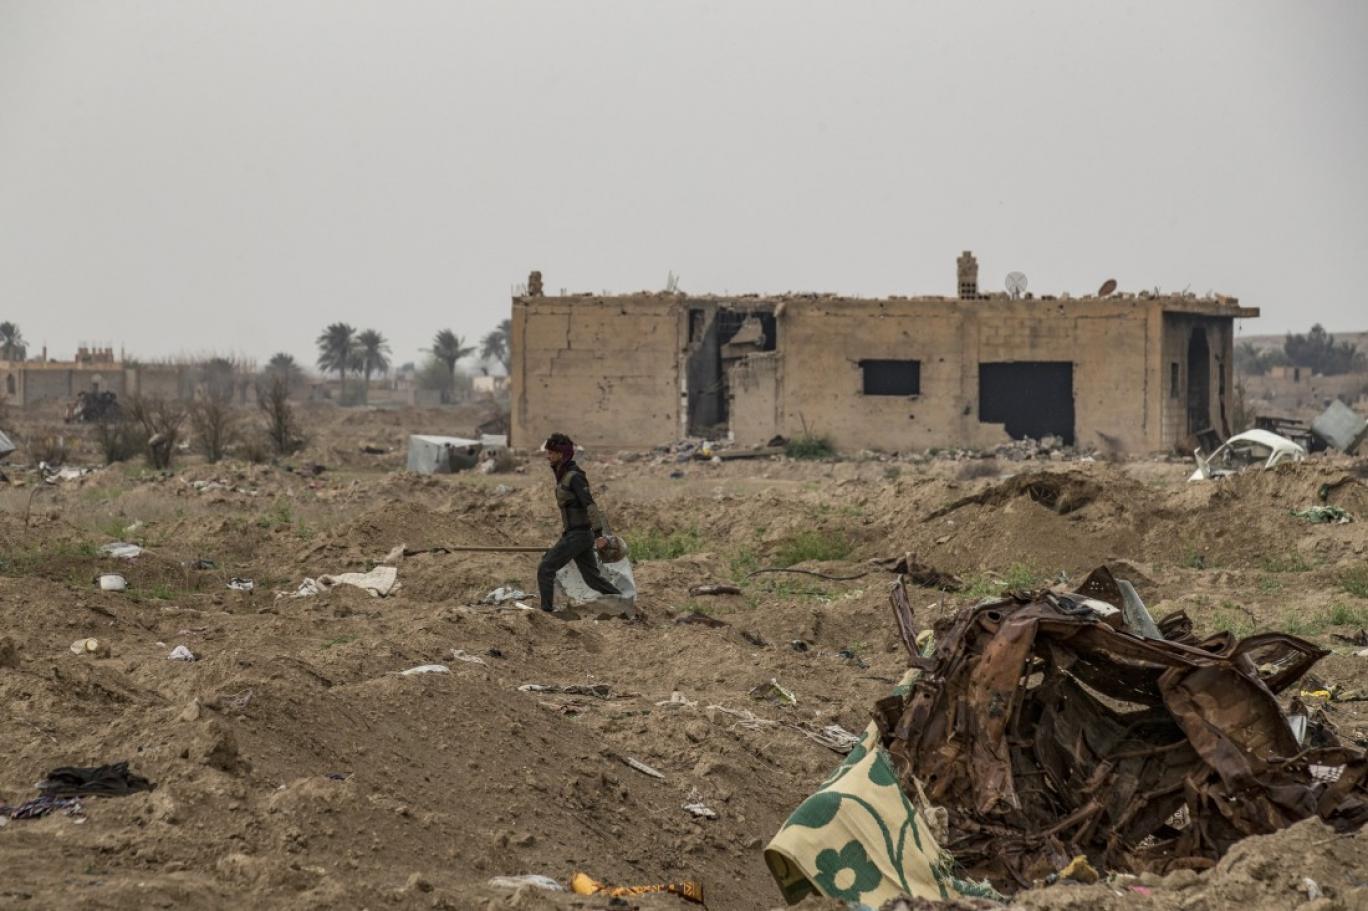 """مخلّفات الحرب في """"الباغوز"""" السورية: الموت يلاحق سكّان القرية المنكوبة"""